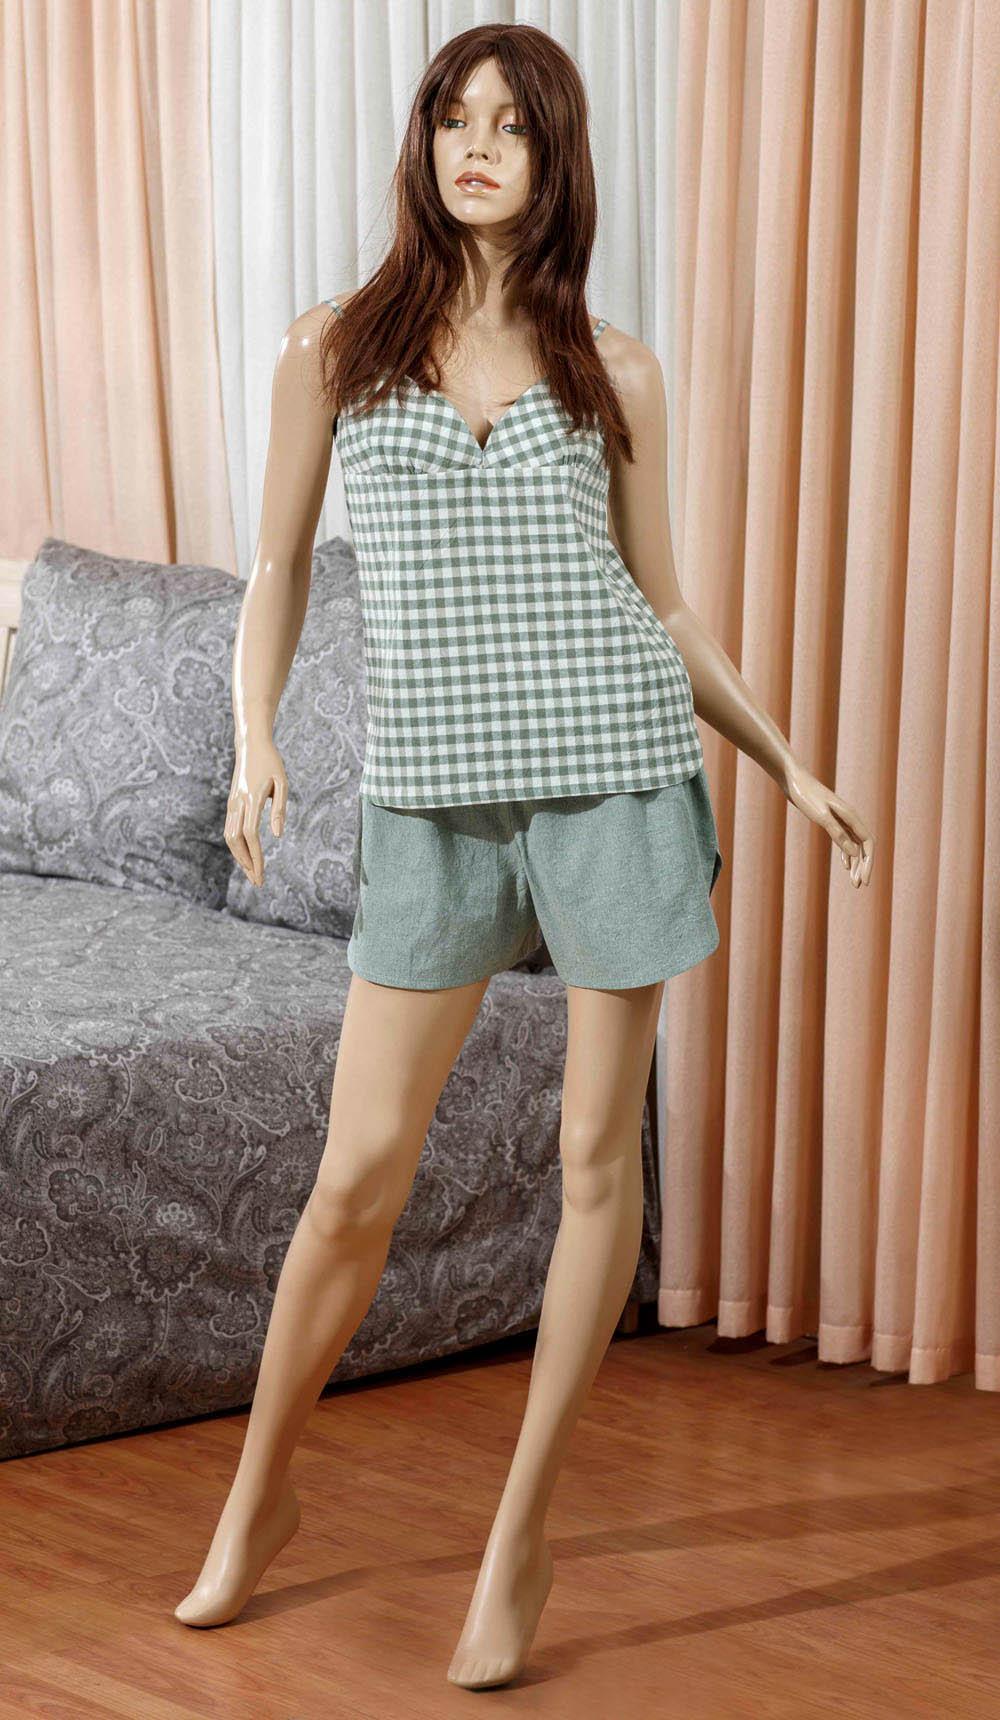 Брюки Primavelle Одежда для дома Vera Цвет: Зеленый (M-L) футболки primavelle одежда для дома vera цвет зеленый m l